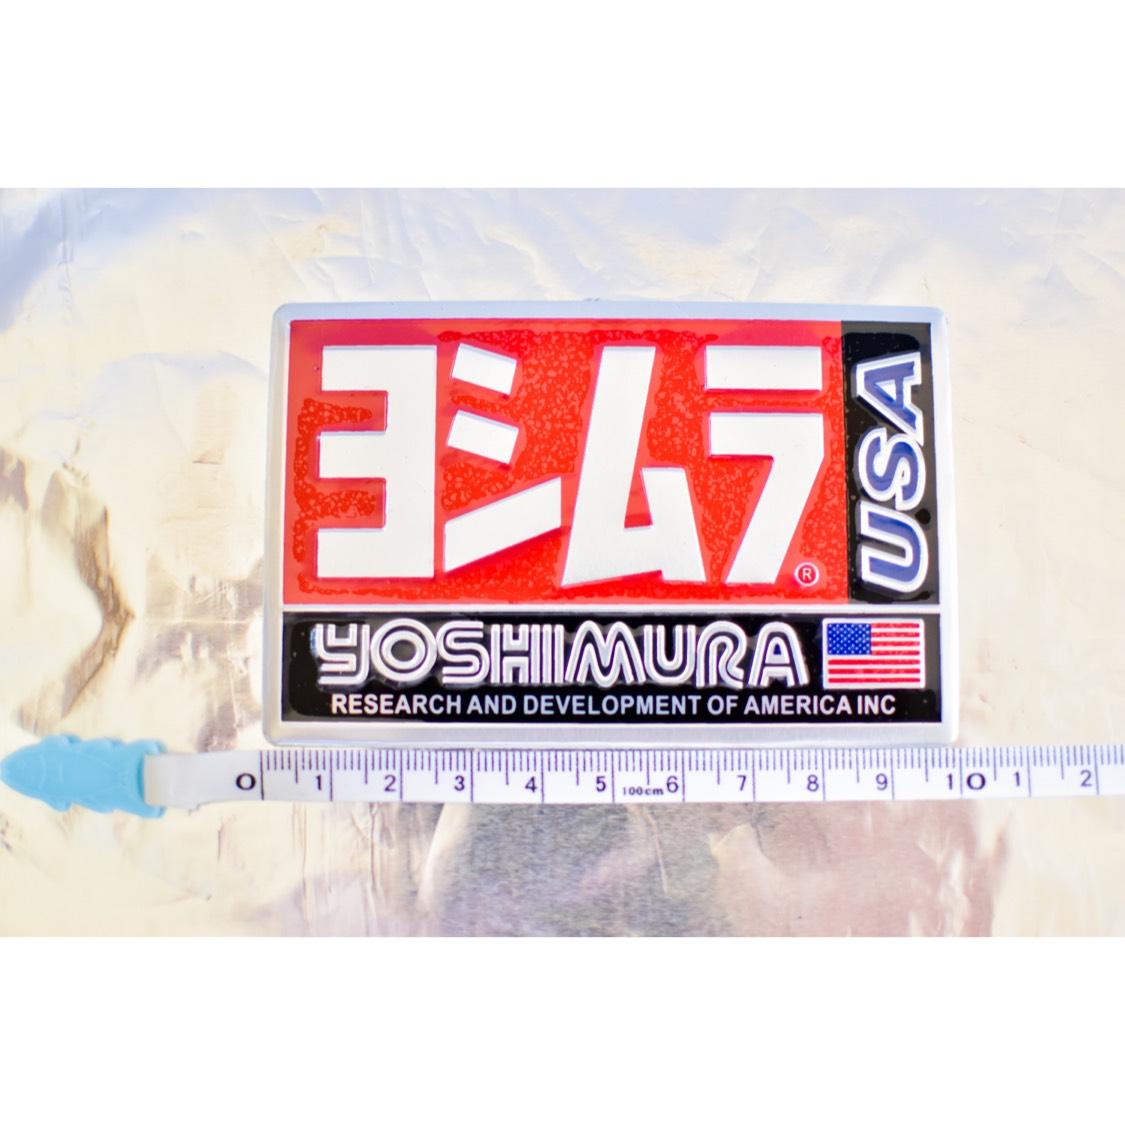 【数量限定】ヨシムラ 耐熱アルミステッカー 新品!